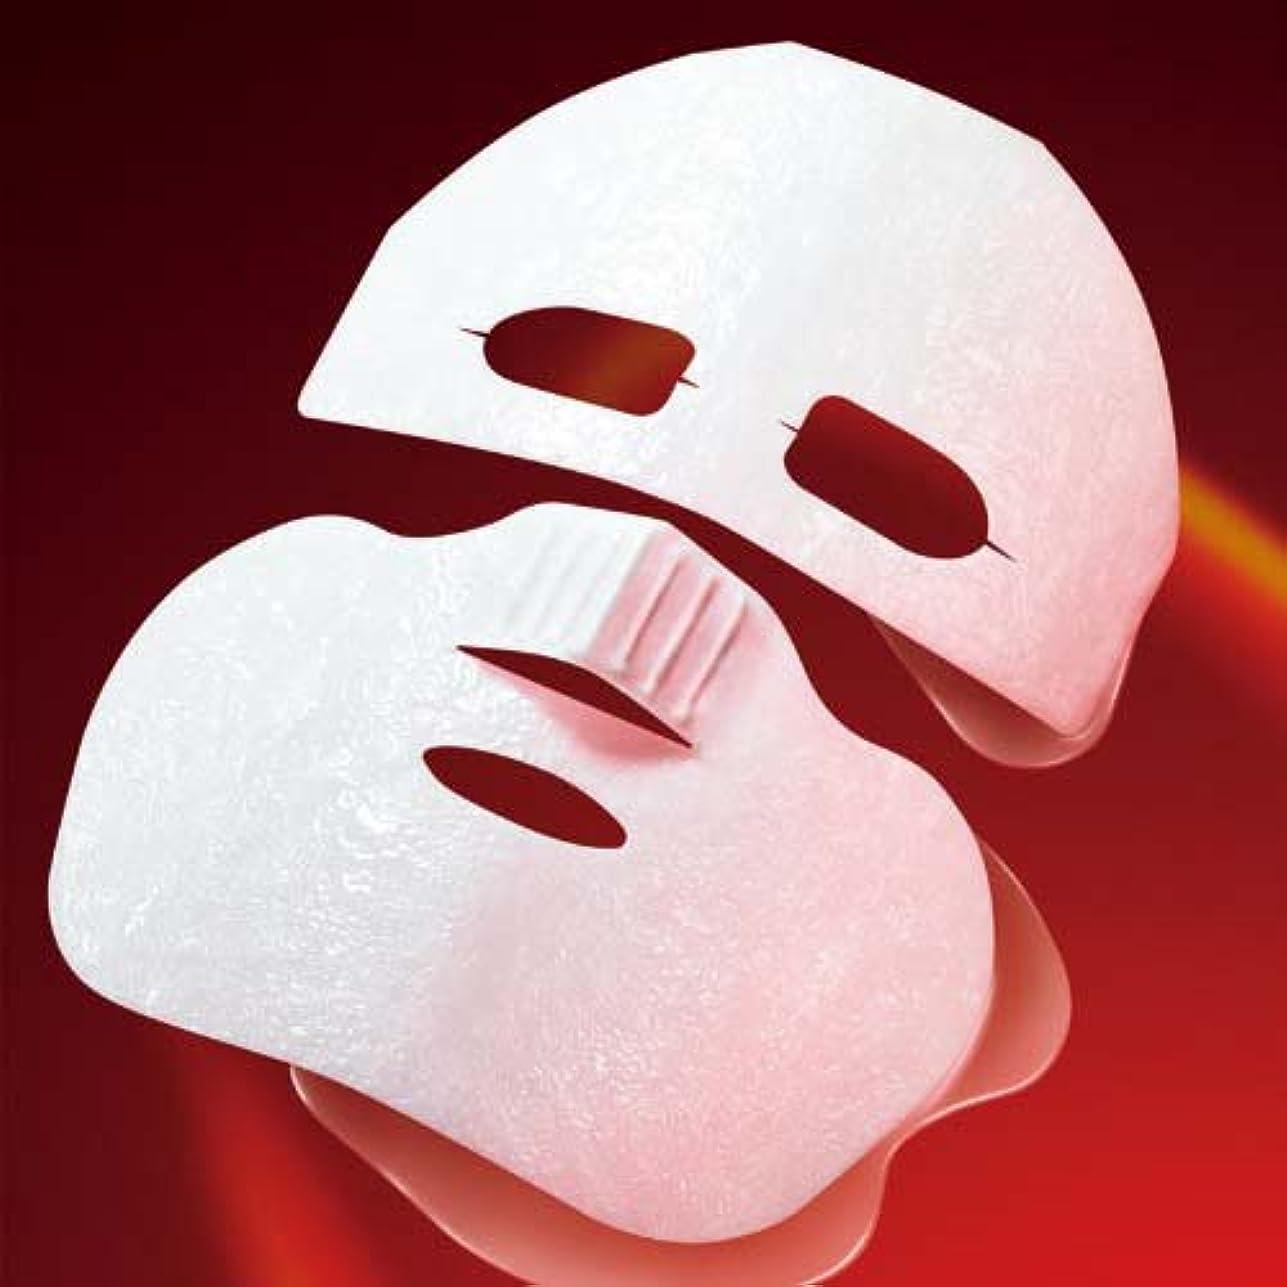 液体汚染された破壊的SK-II スキン シグネチャー 3D リディファイニング マスク(シートマスク)6セット